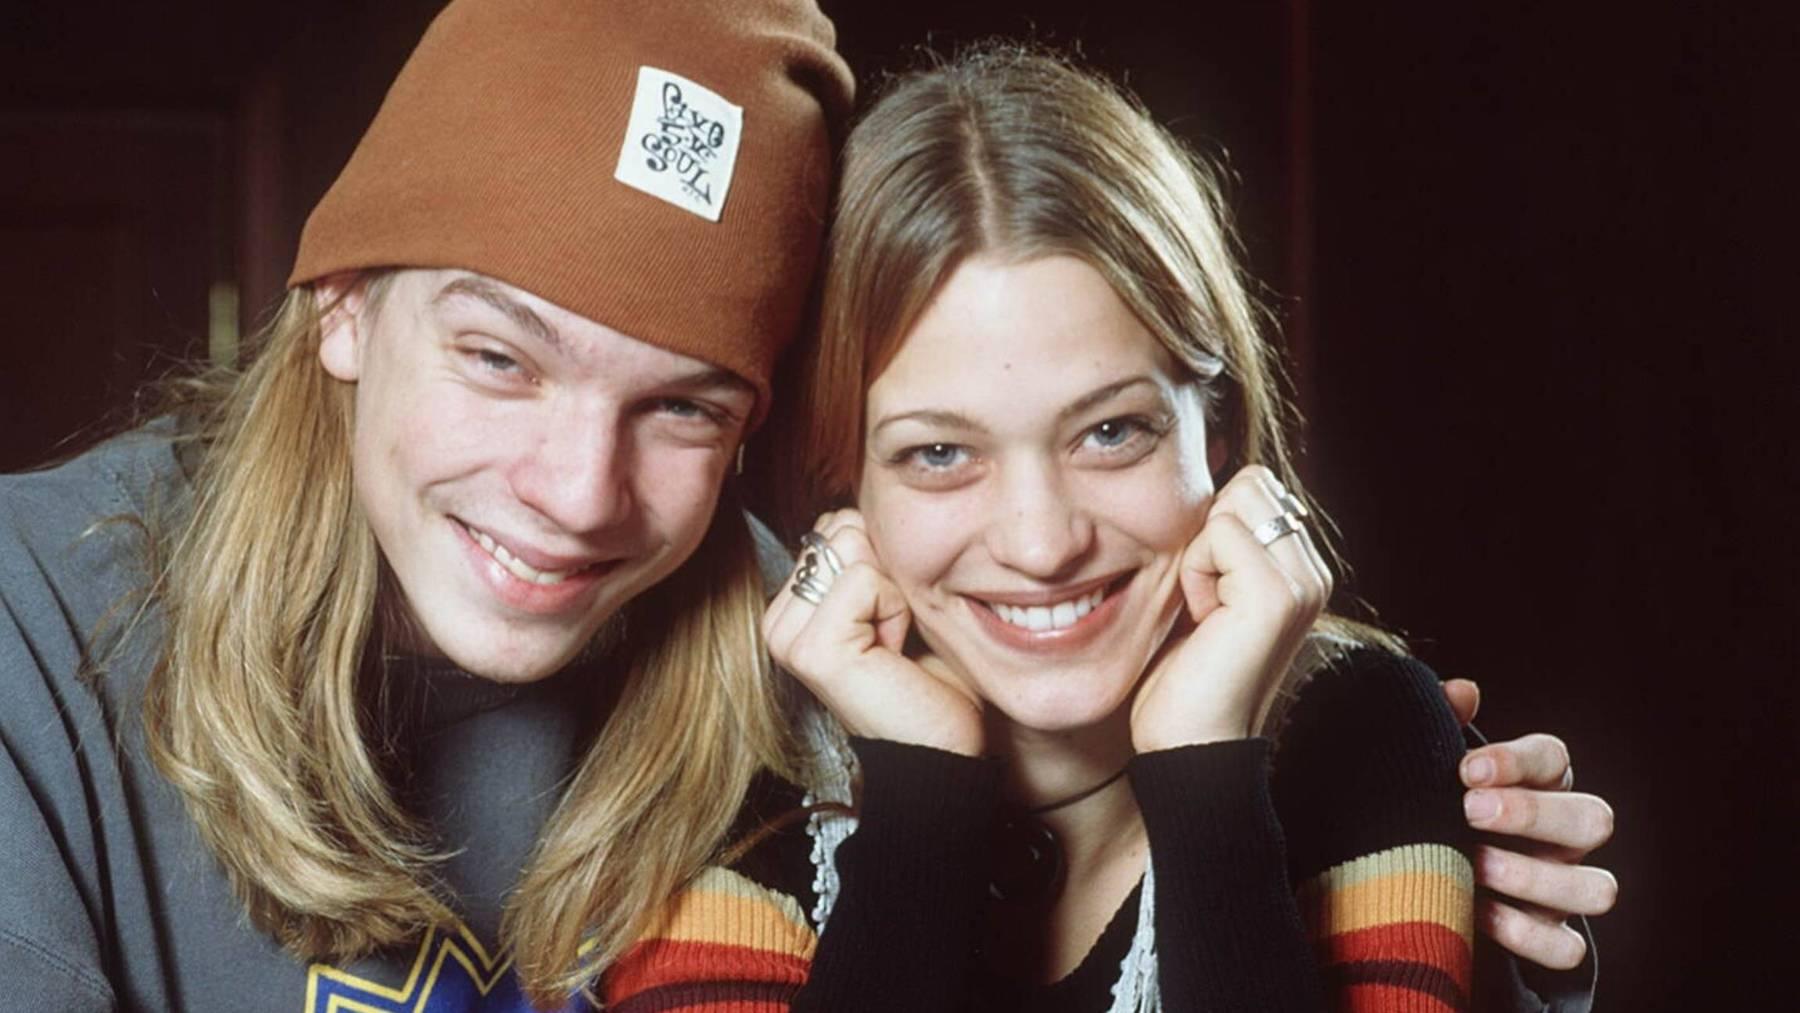 Heute Dozent und Schauspielerin: Nils Bokelberg und Heike Makatsch im Jahr 1993. (Archivbild)